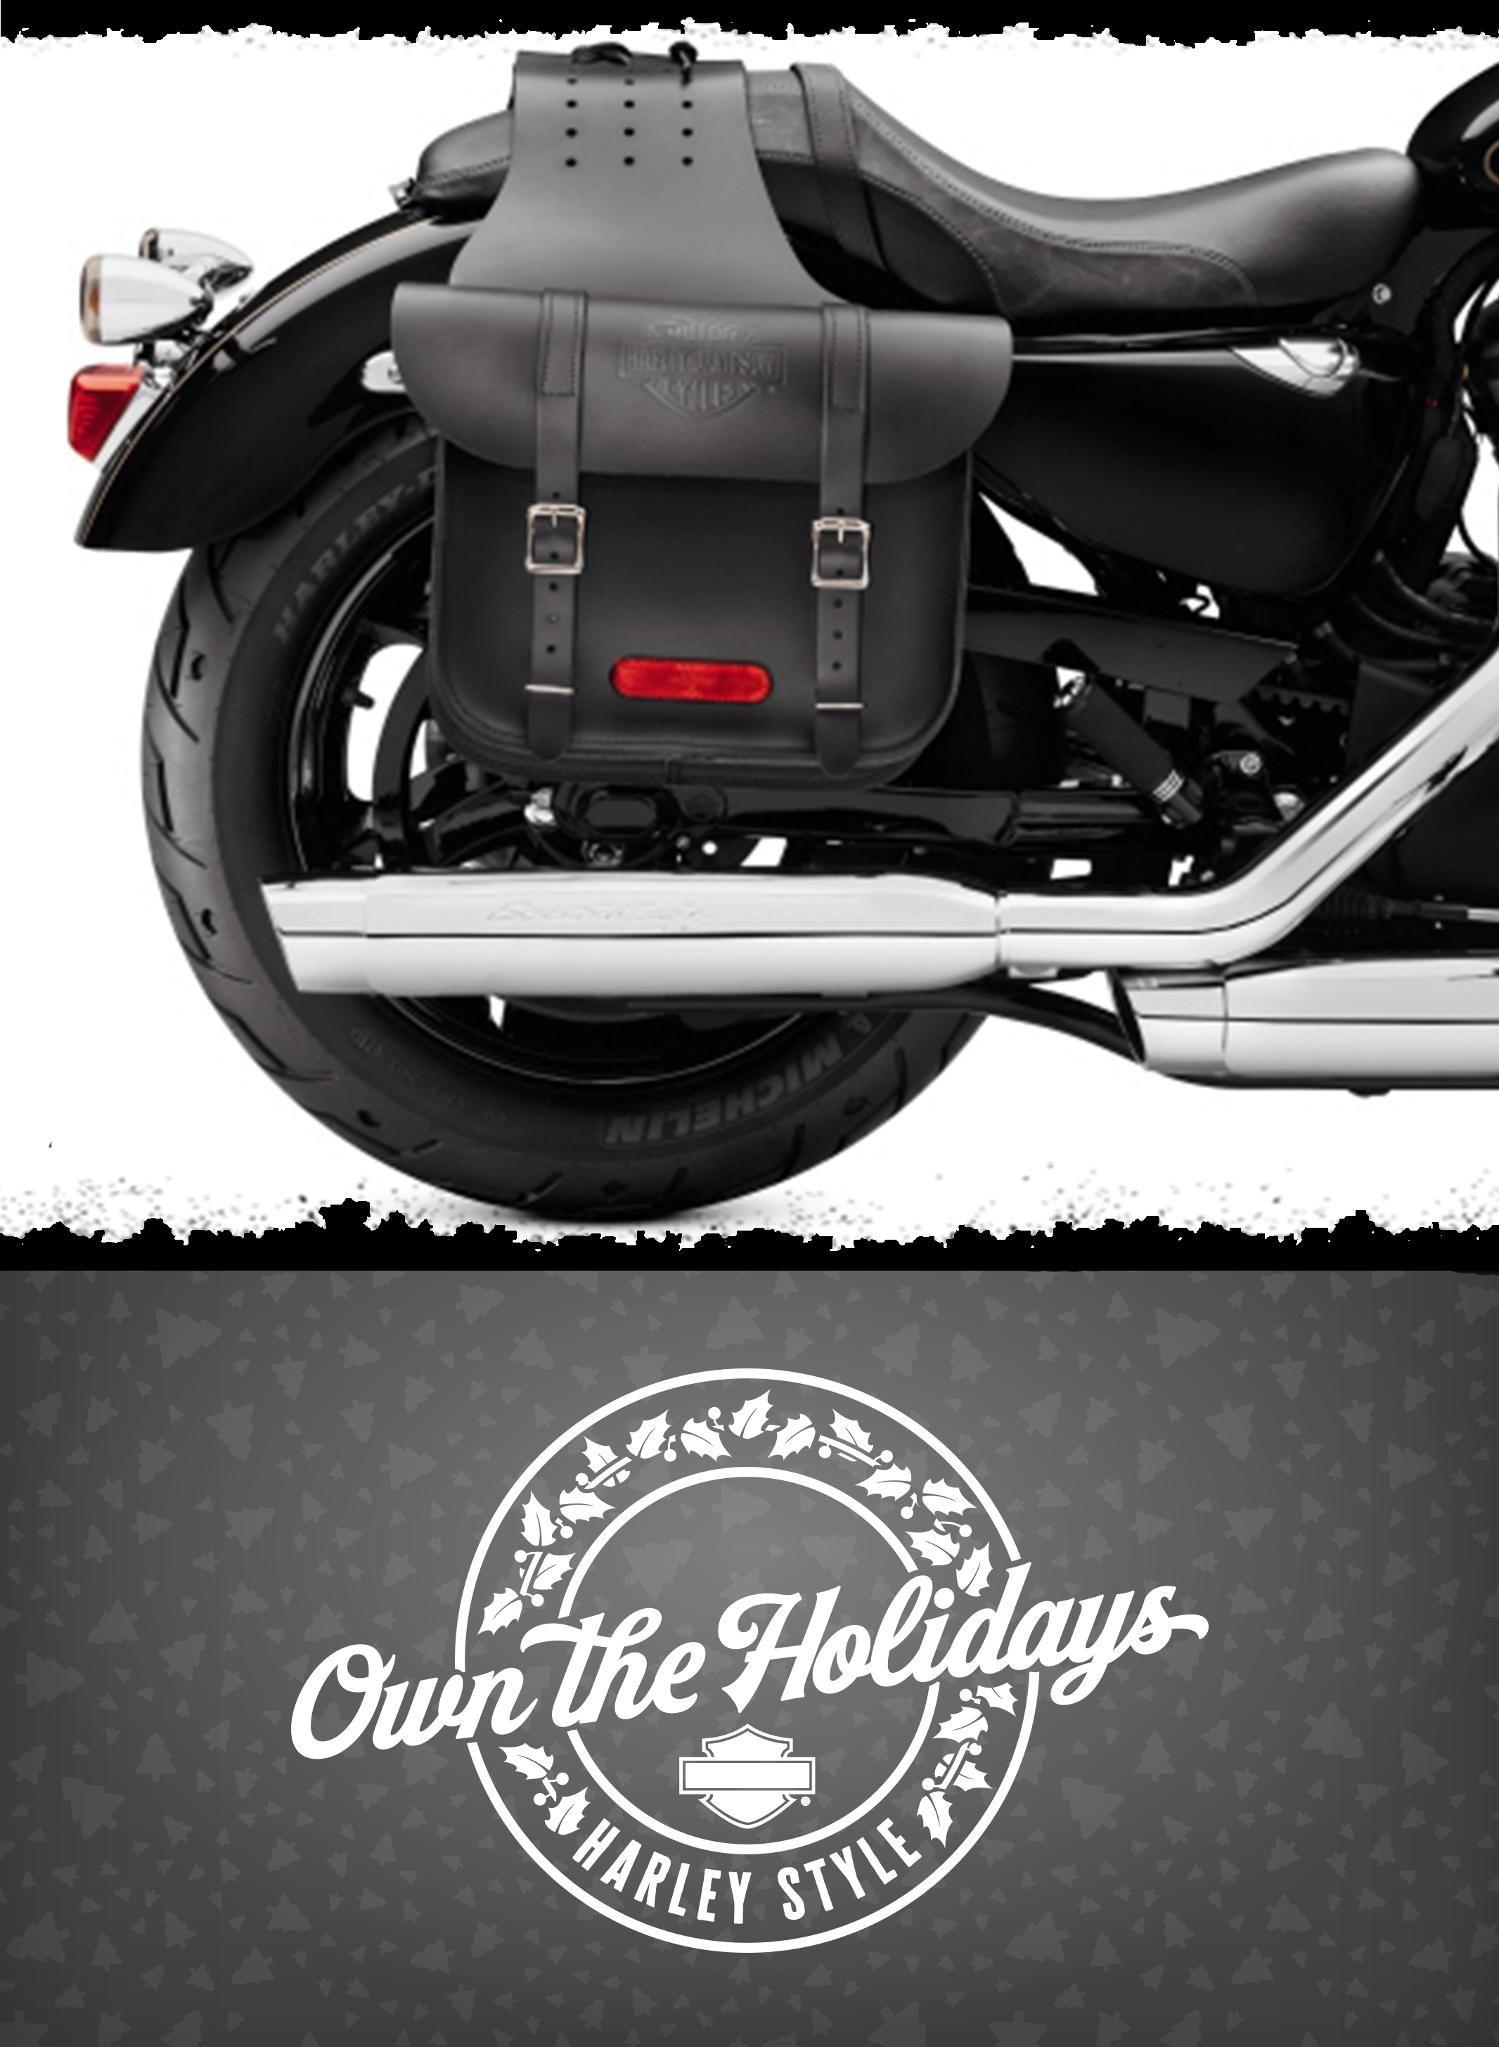 Harley Davidson Saddlebags: Leather Throw-Over Saddlebags